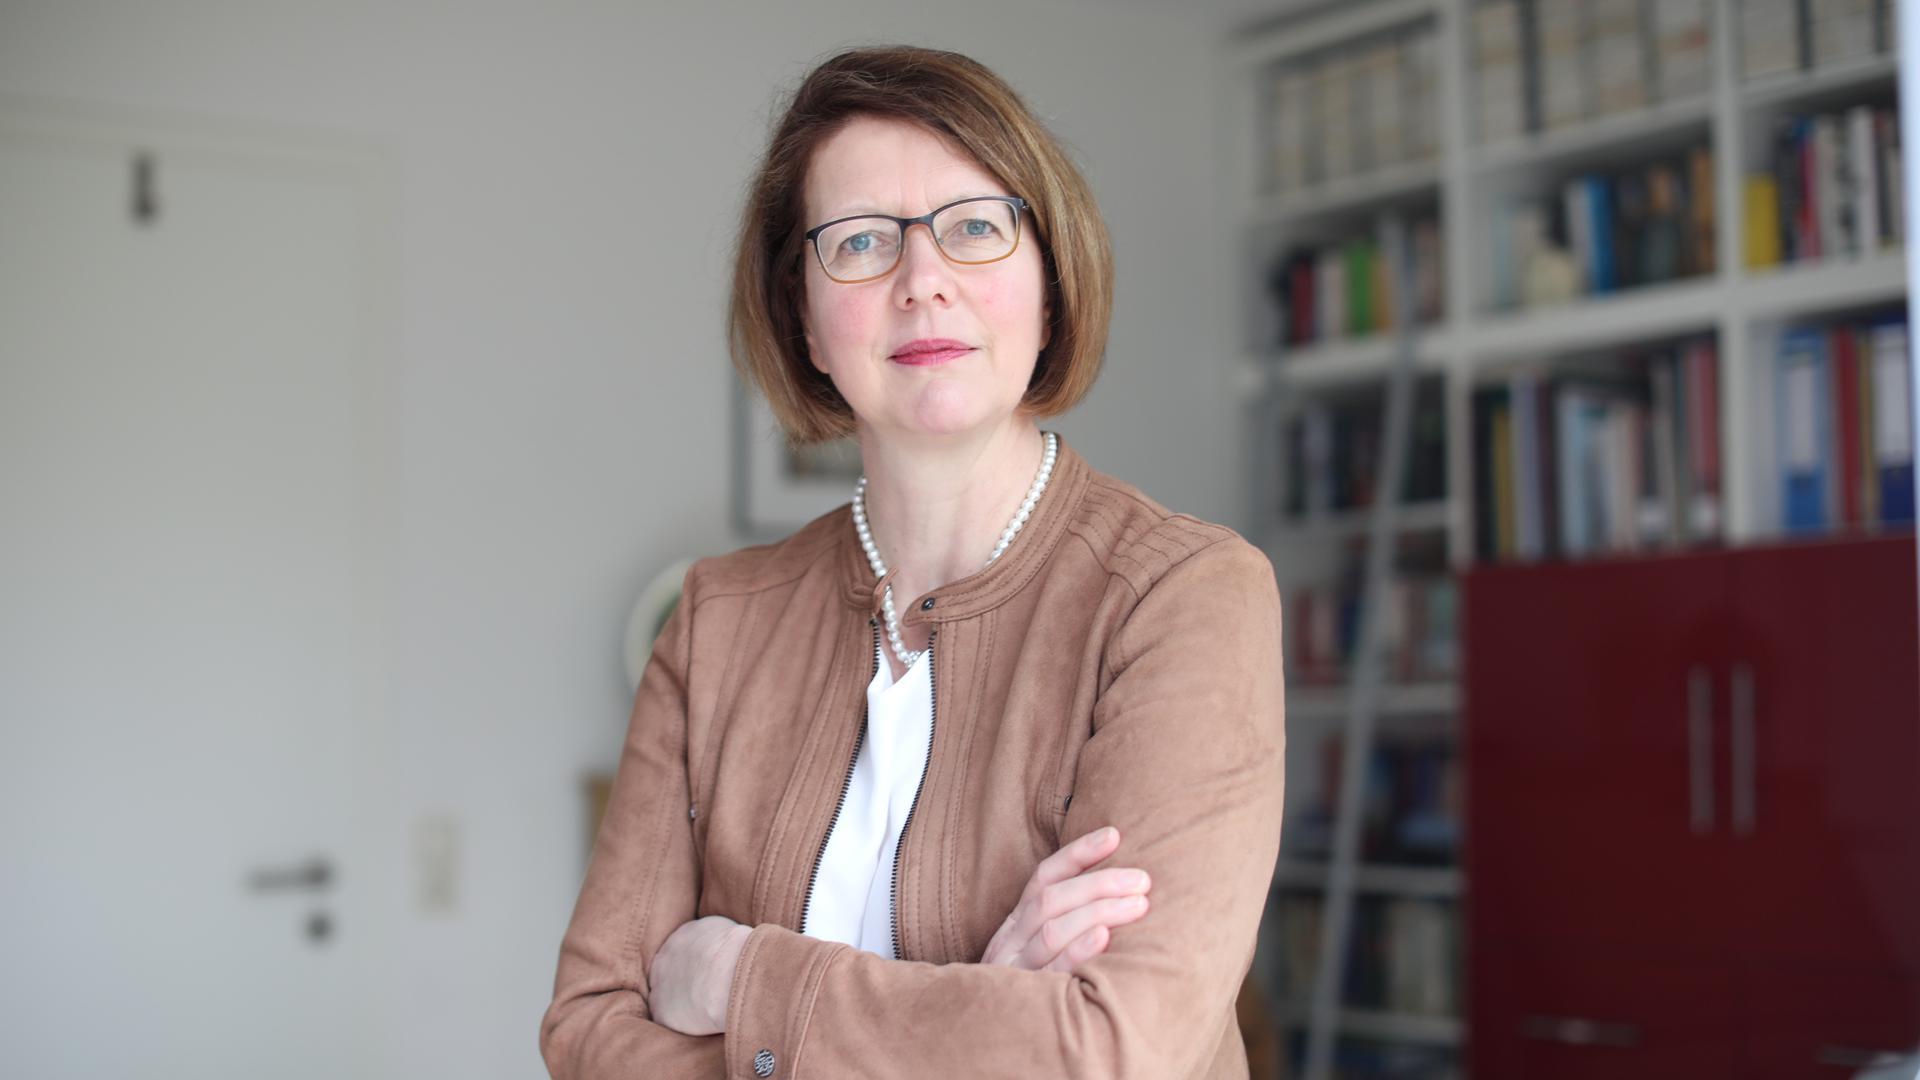 Professor Dr. Susanne Boll ist Professorin für Medieninformatik und Multimediasysteme im Fachbereich Informatik an der Universität Oldenburg. Ihr Forschungsgebiet liegt an der Schnittstelle zwischen Mensch-Computer-Interaktion und Medieninformatik.